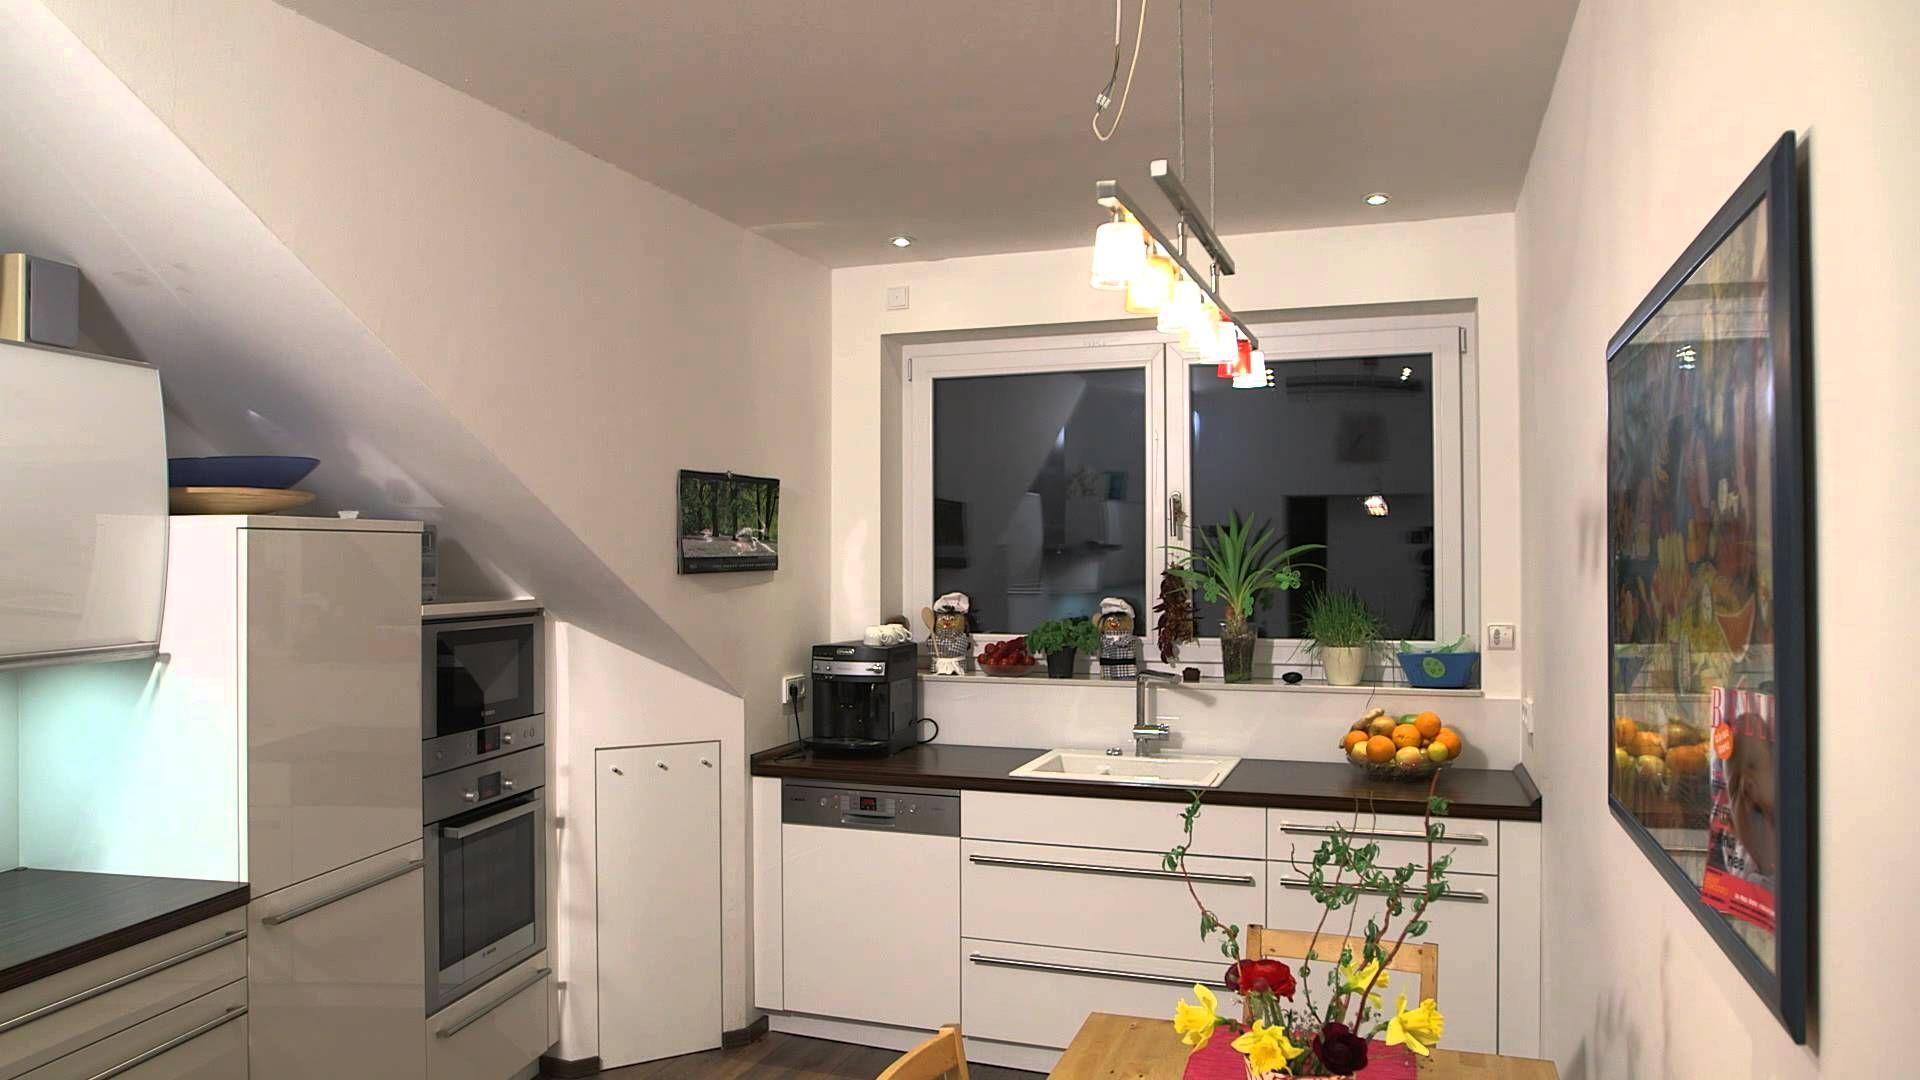 Full Size of Led Lampen Küche 17 Fr Kche Elegant Mischbatterie Wohnzimmer Fliesen Für Deckenleuchte Schlafzimmer Arbeitstisch Deckenleuchten Auf Raten Wohnzimmer Led Lampen Küche